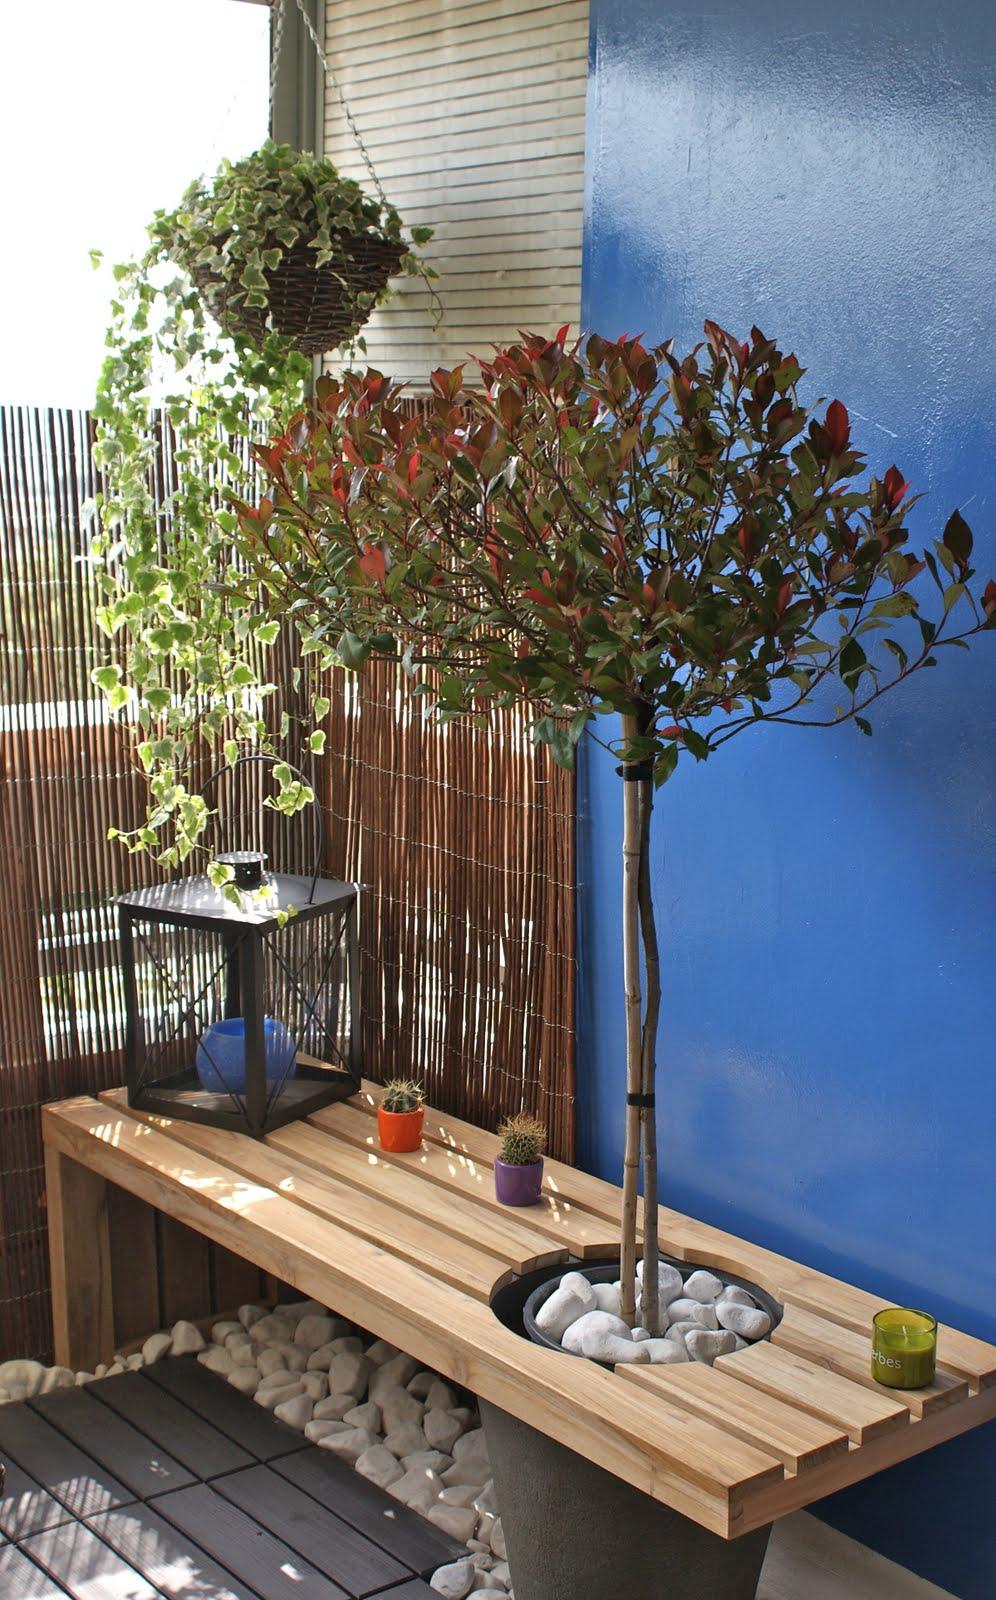 le chantier du mois cr er un salon de jardin sur une petite terrasse atelier chlorofil. Black Bedroom Furniture Sets. Home Design Ideas